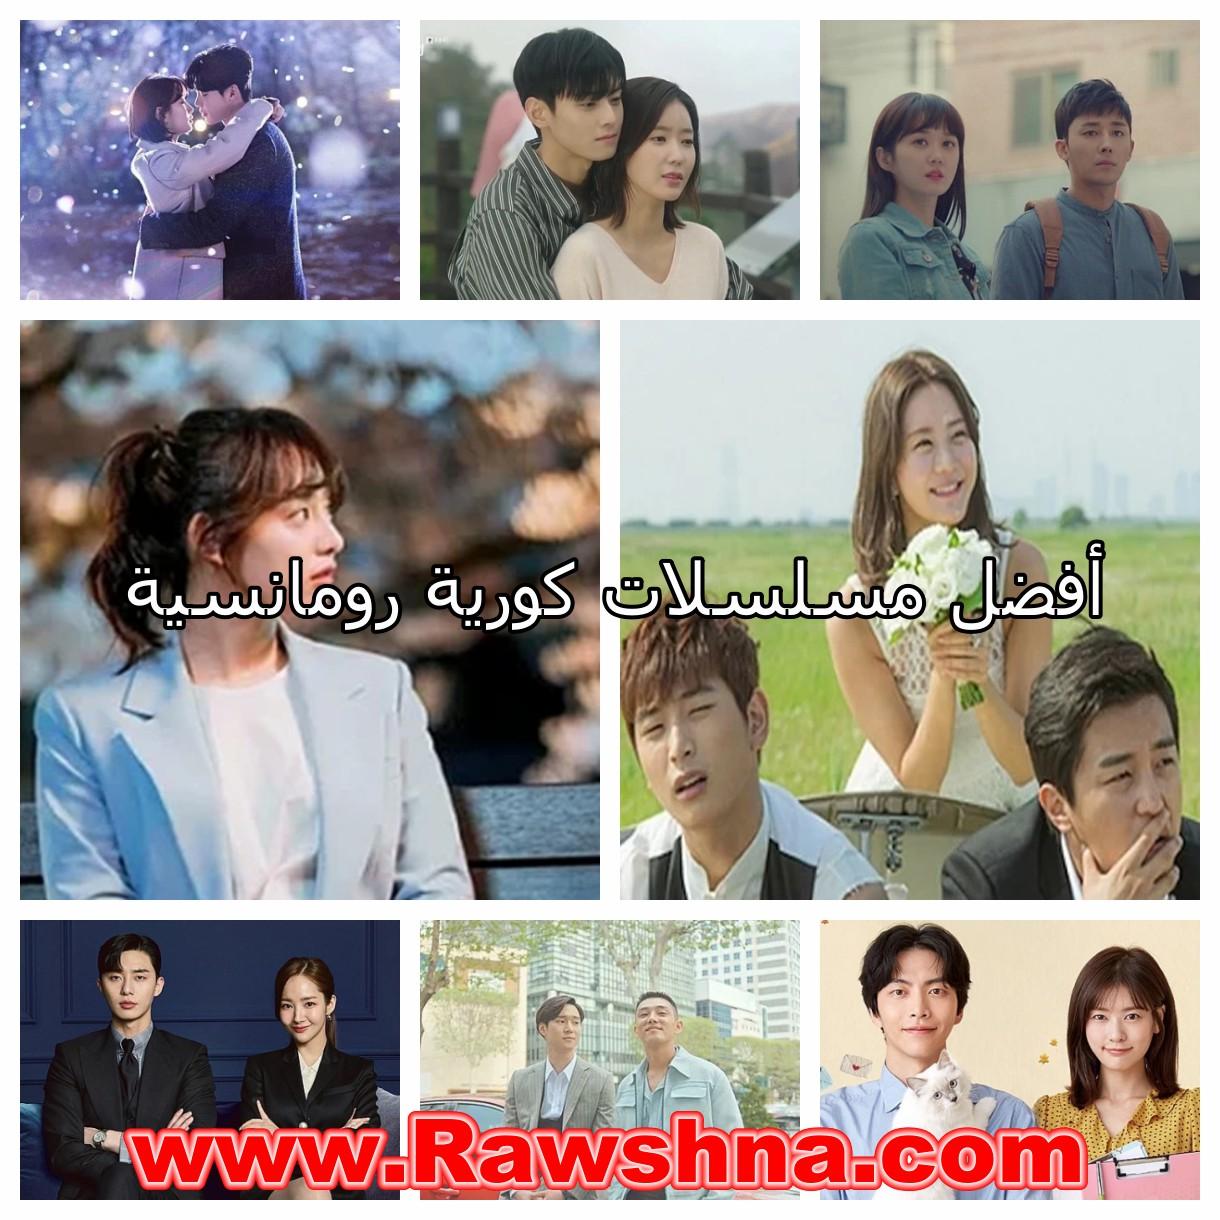 أفضل مسلسلات كورية رومانسية على الإطلاق